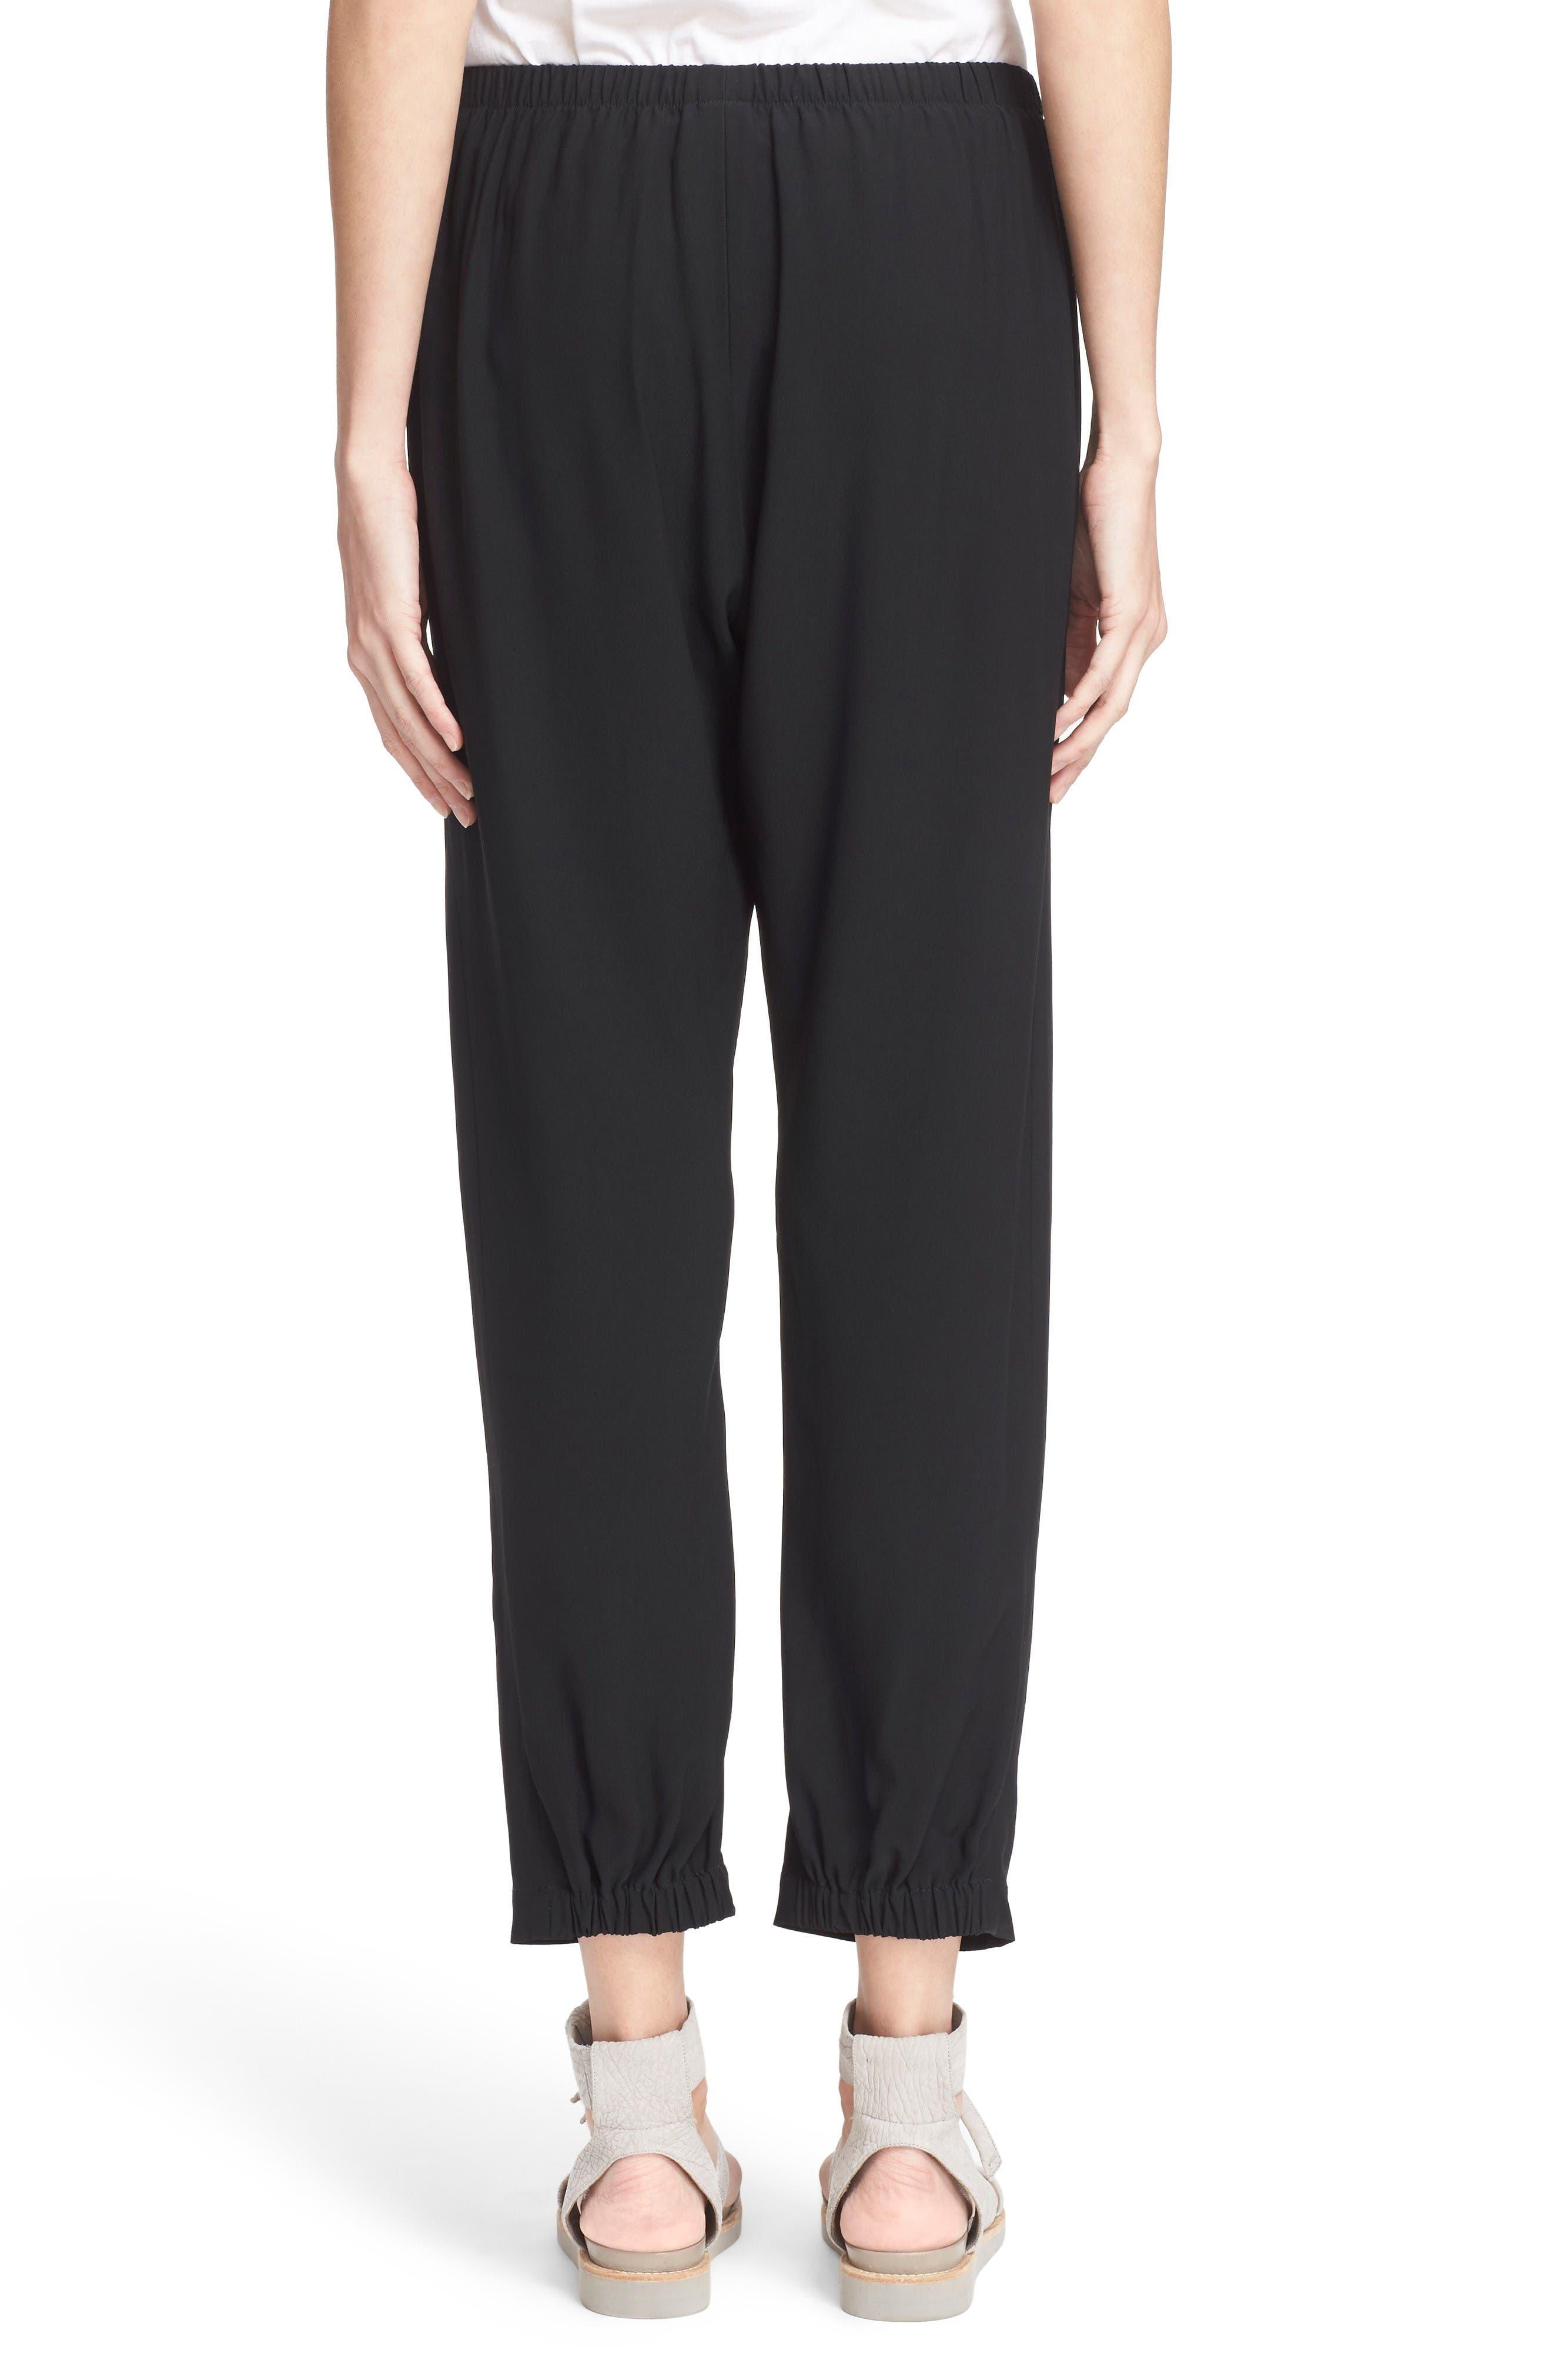 Gabi Drape Trousers,                             Alternate thumbnail 2, color,                             Black